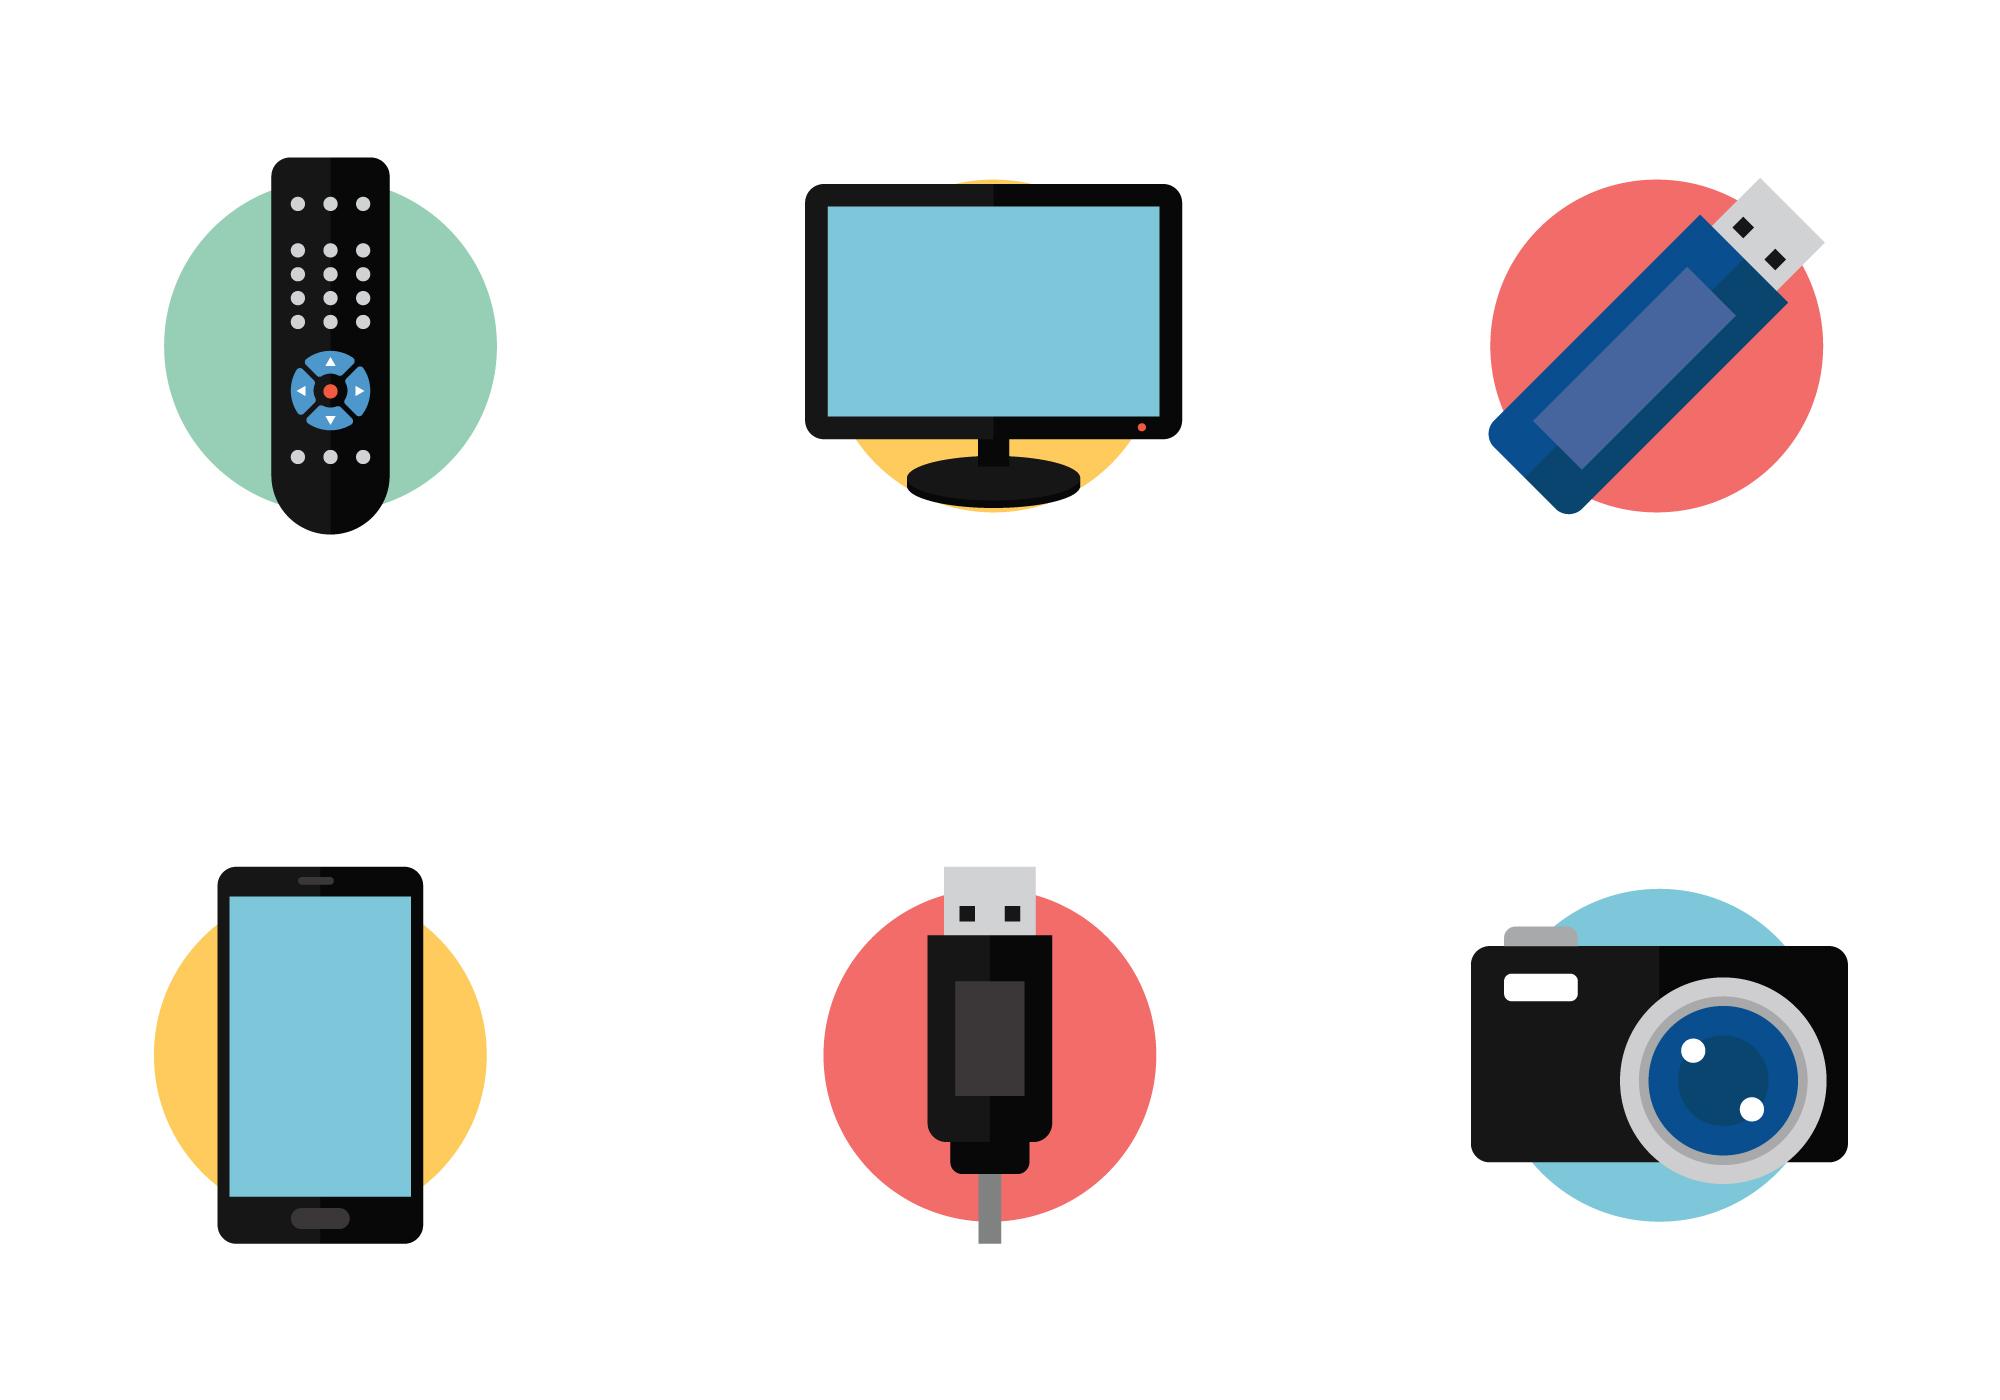 電視 icon 免費下載 | 天天瘋後製